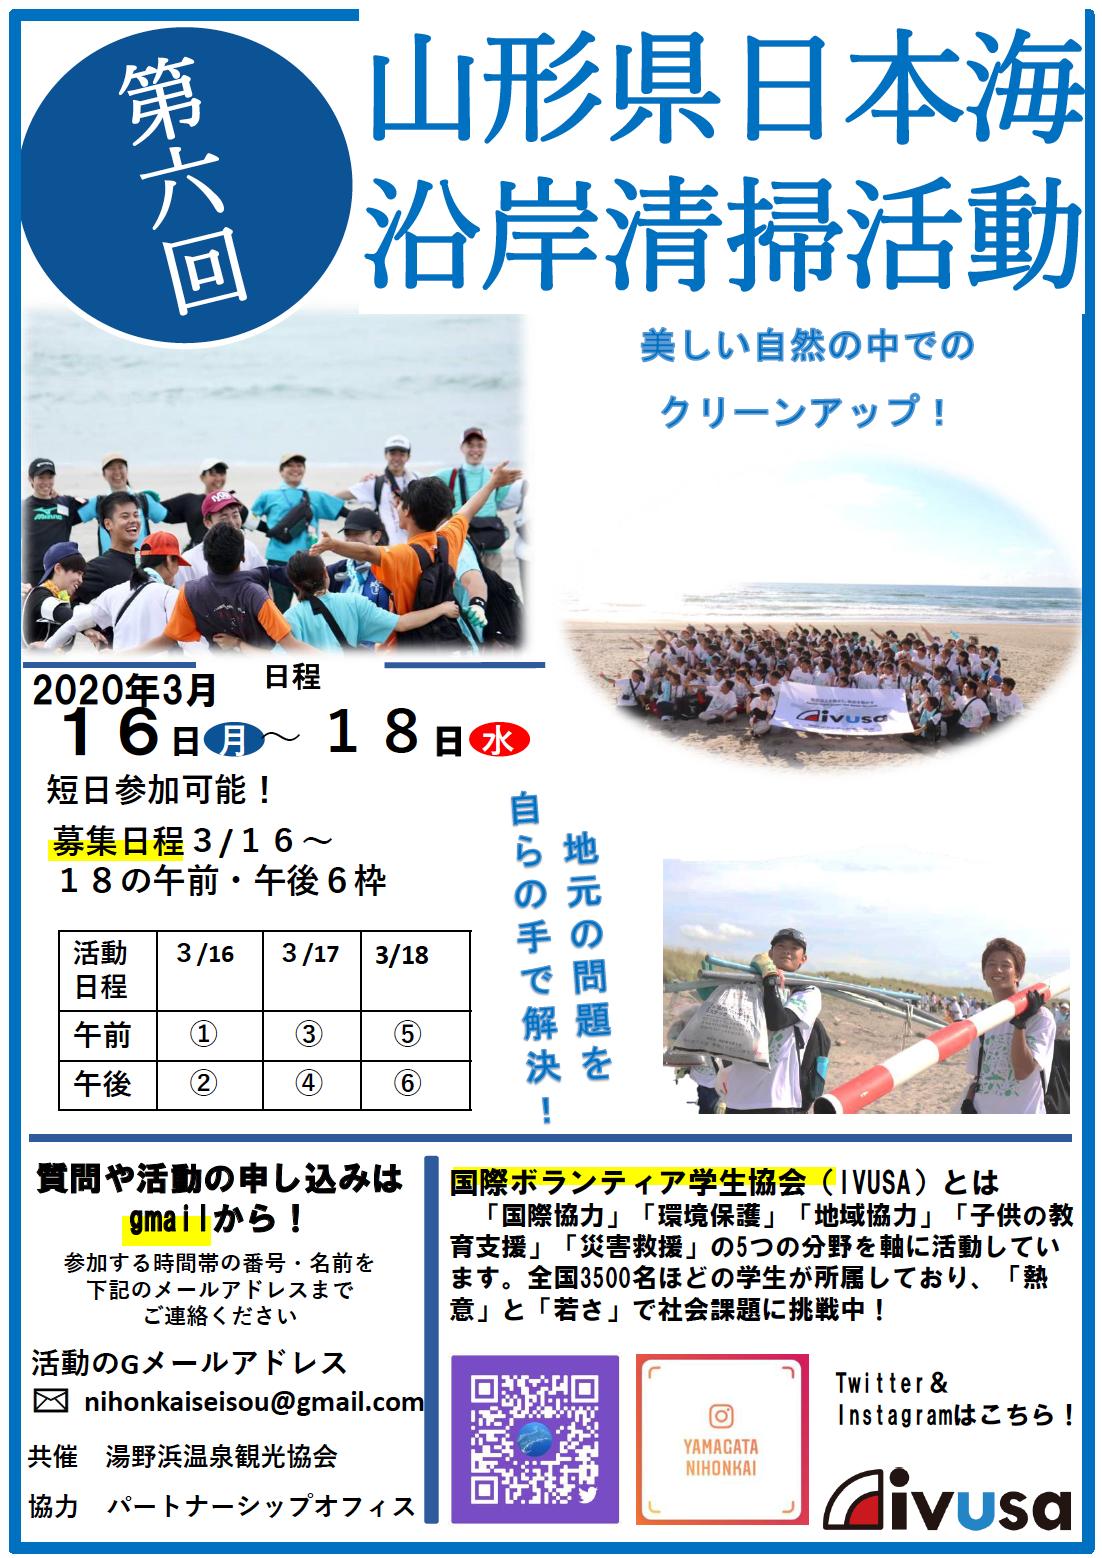 第6回山形県日本海沿岸清掃活動・参加者募集